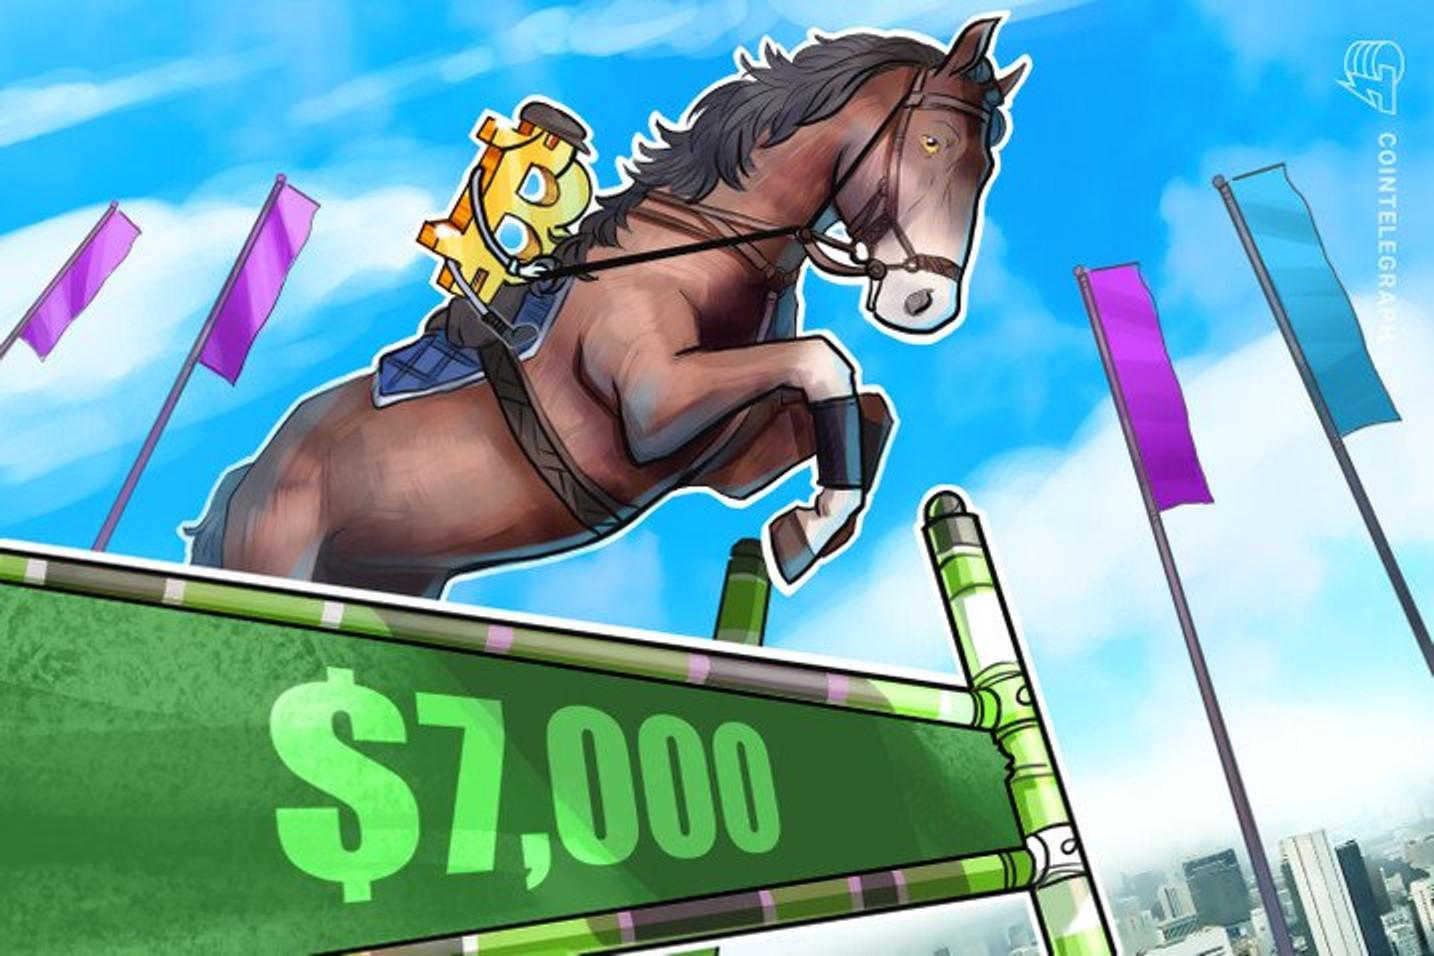 7000ドル台に回復した仮想通貨ビットコイン、次は「7600~7800ドルを試す展開」との分析も